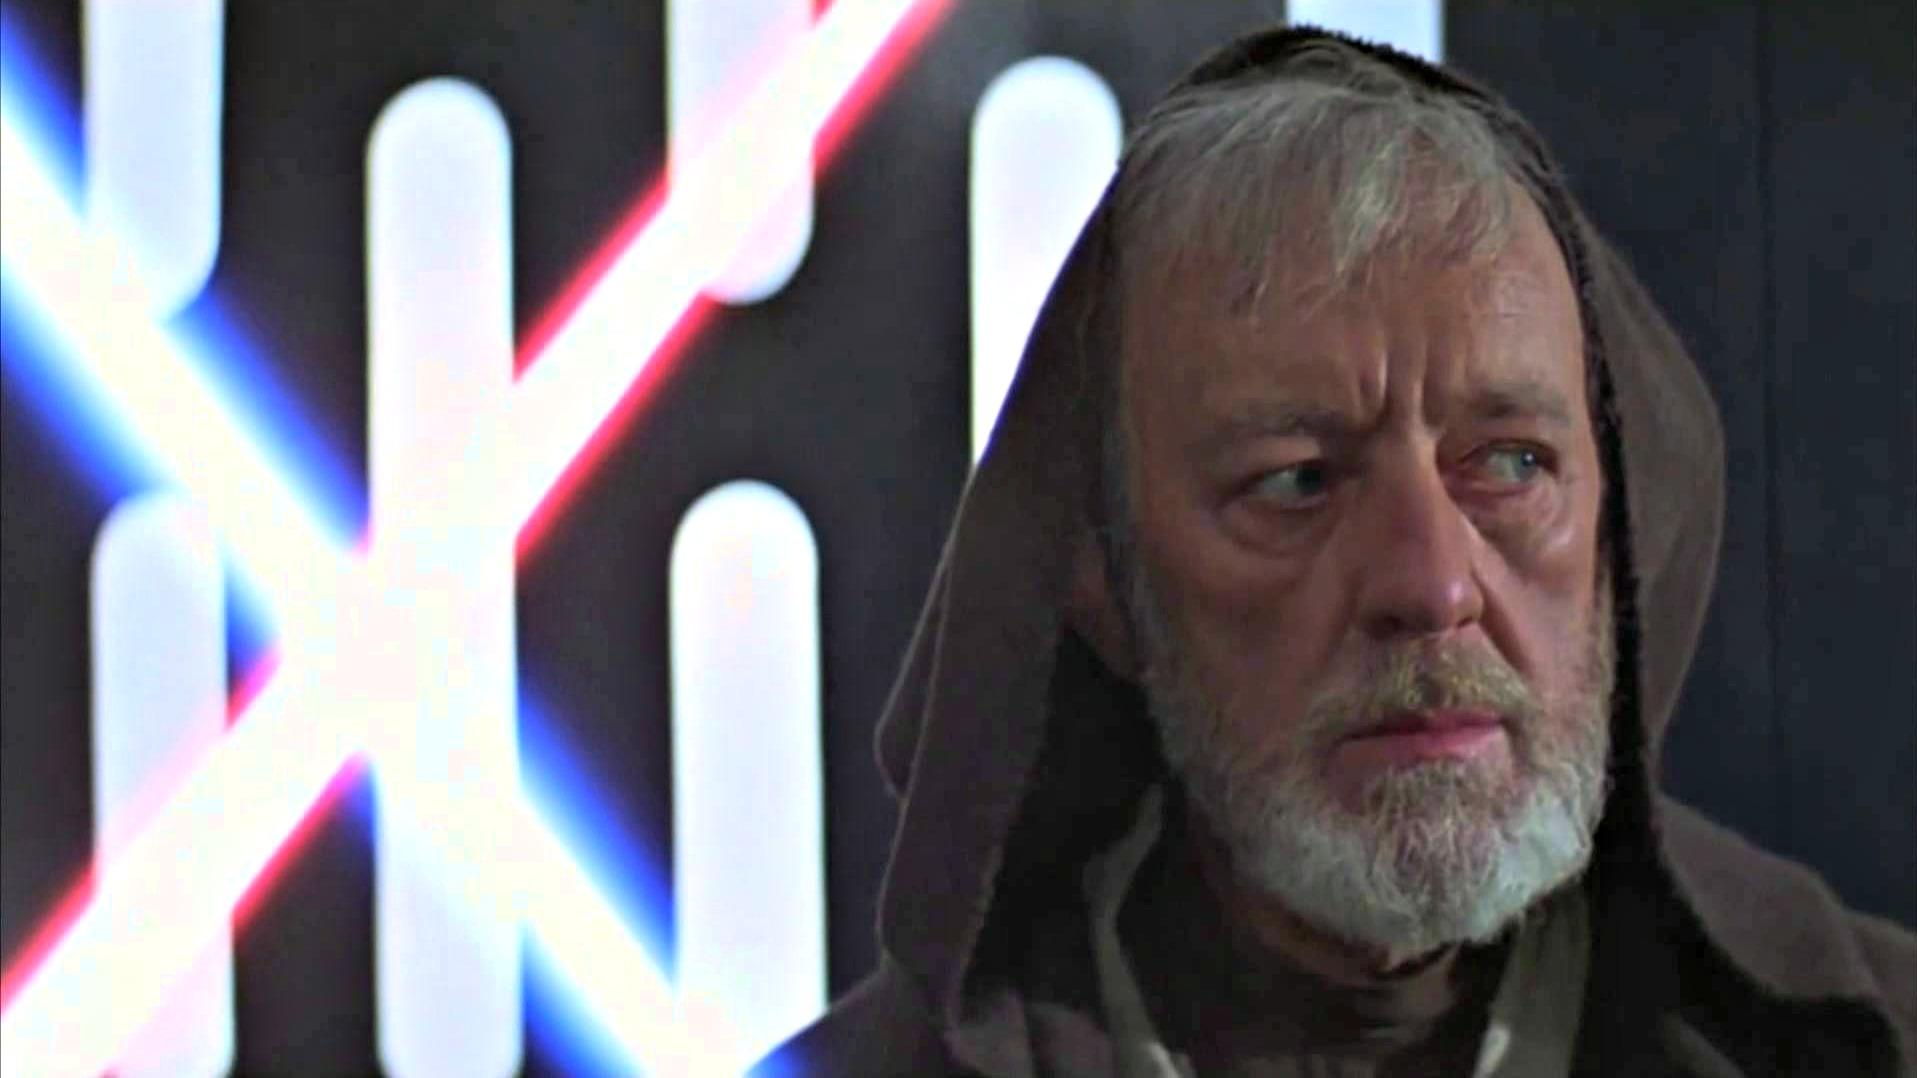 Le Miracle Qui A Fait D'Obi-Wan Kenobi Un Catholique